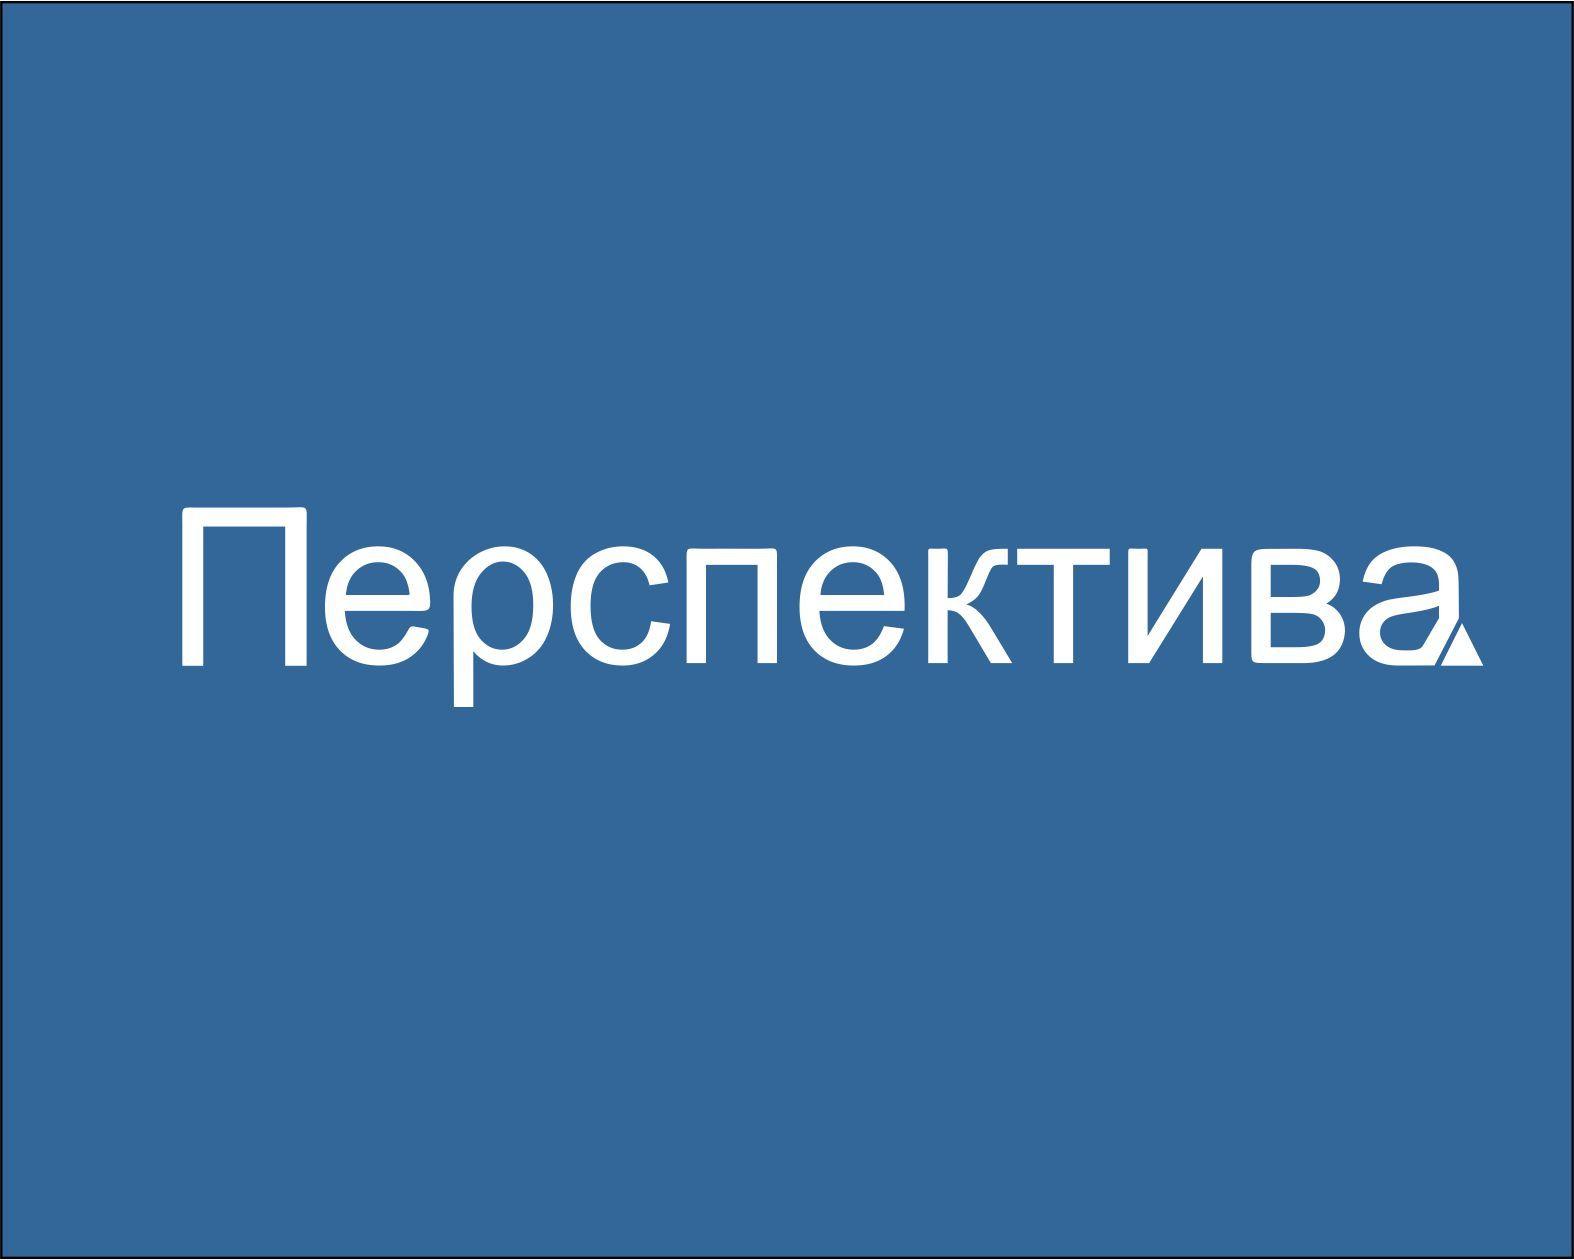 Логотип для компании  - дизайнер communar